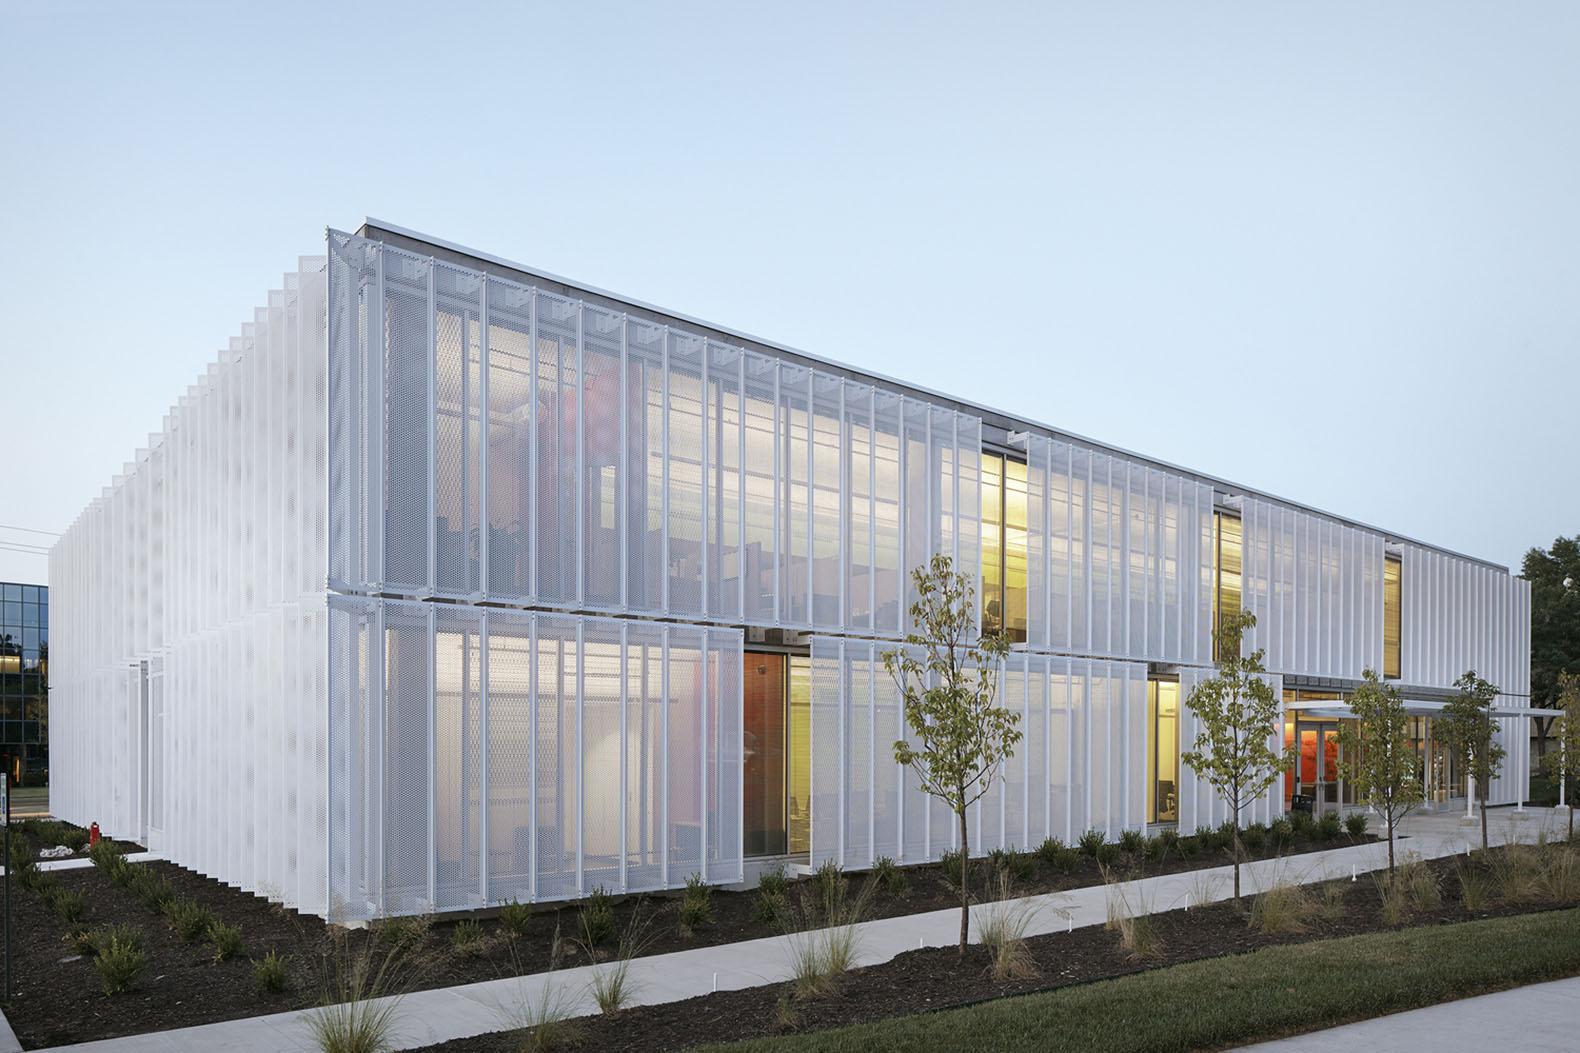 Metal Facade Inhabitat Green Design Innovation